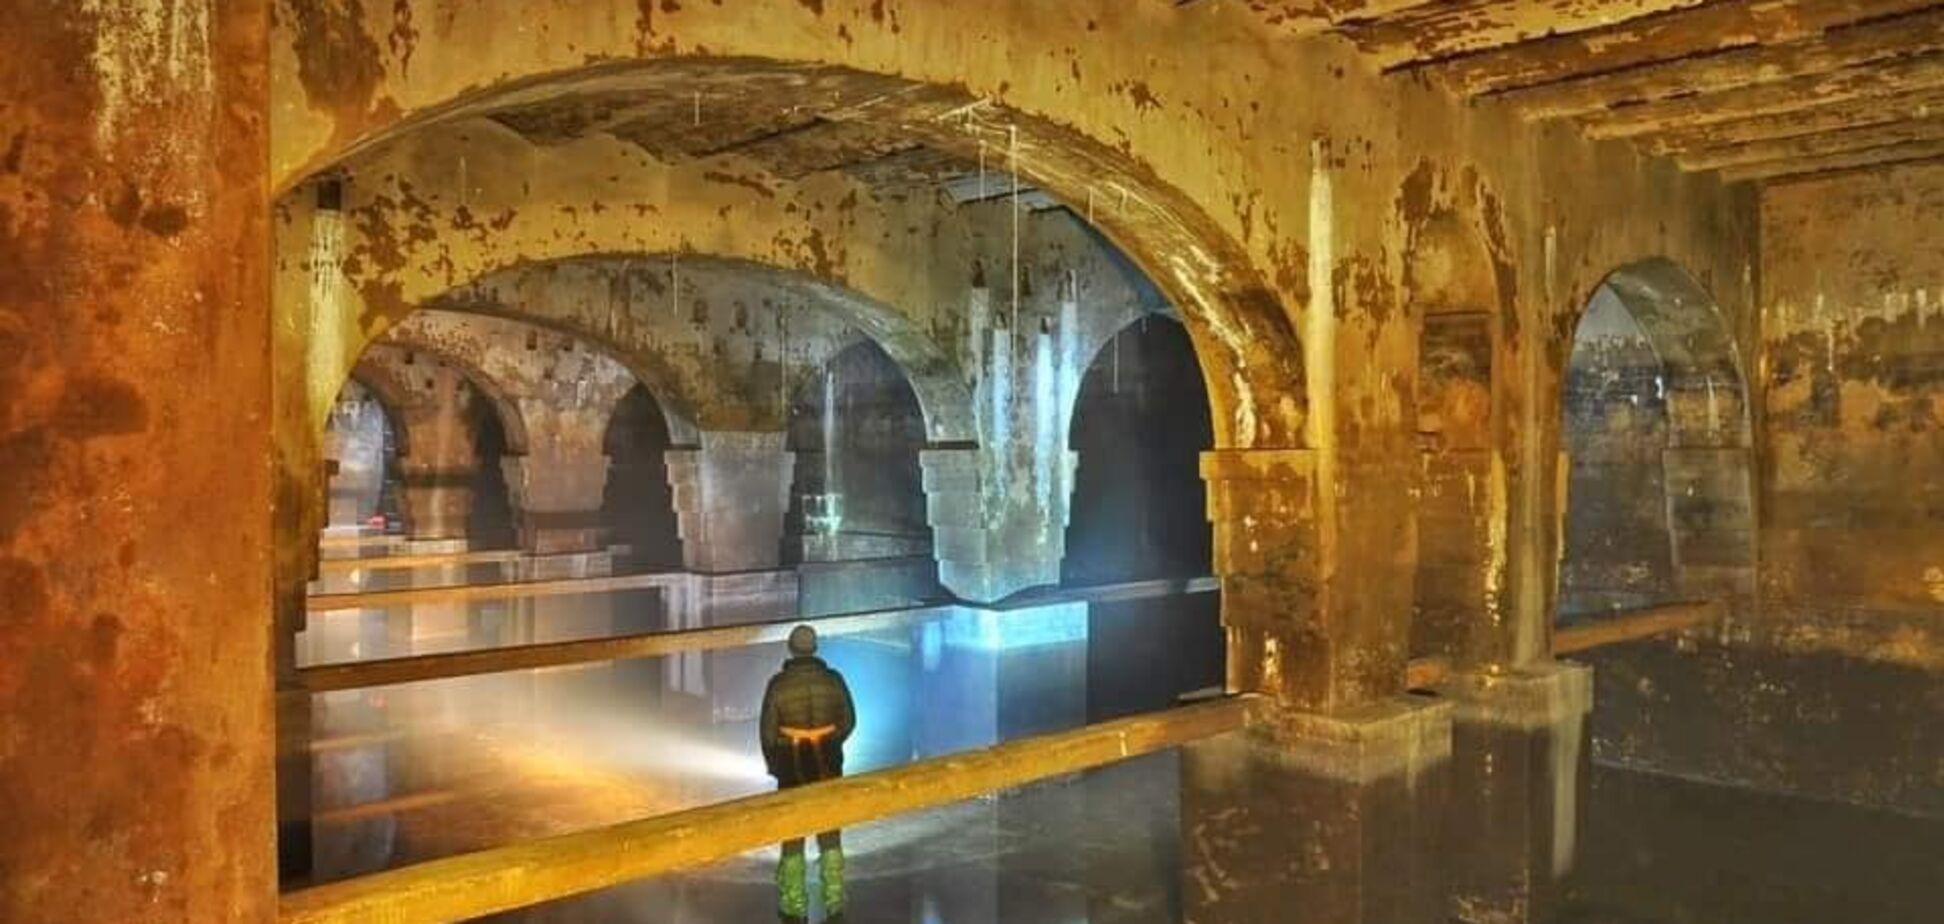 Гигантское подземное сооружение находится всего в пару шагах от Крещатика